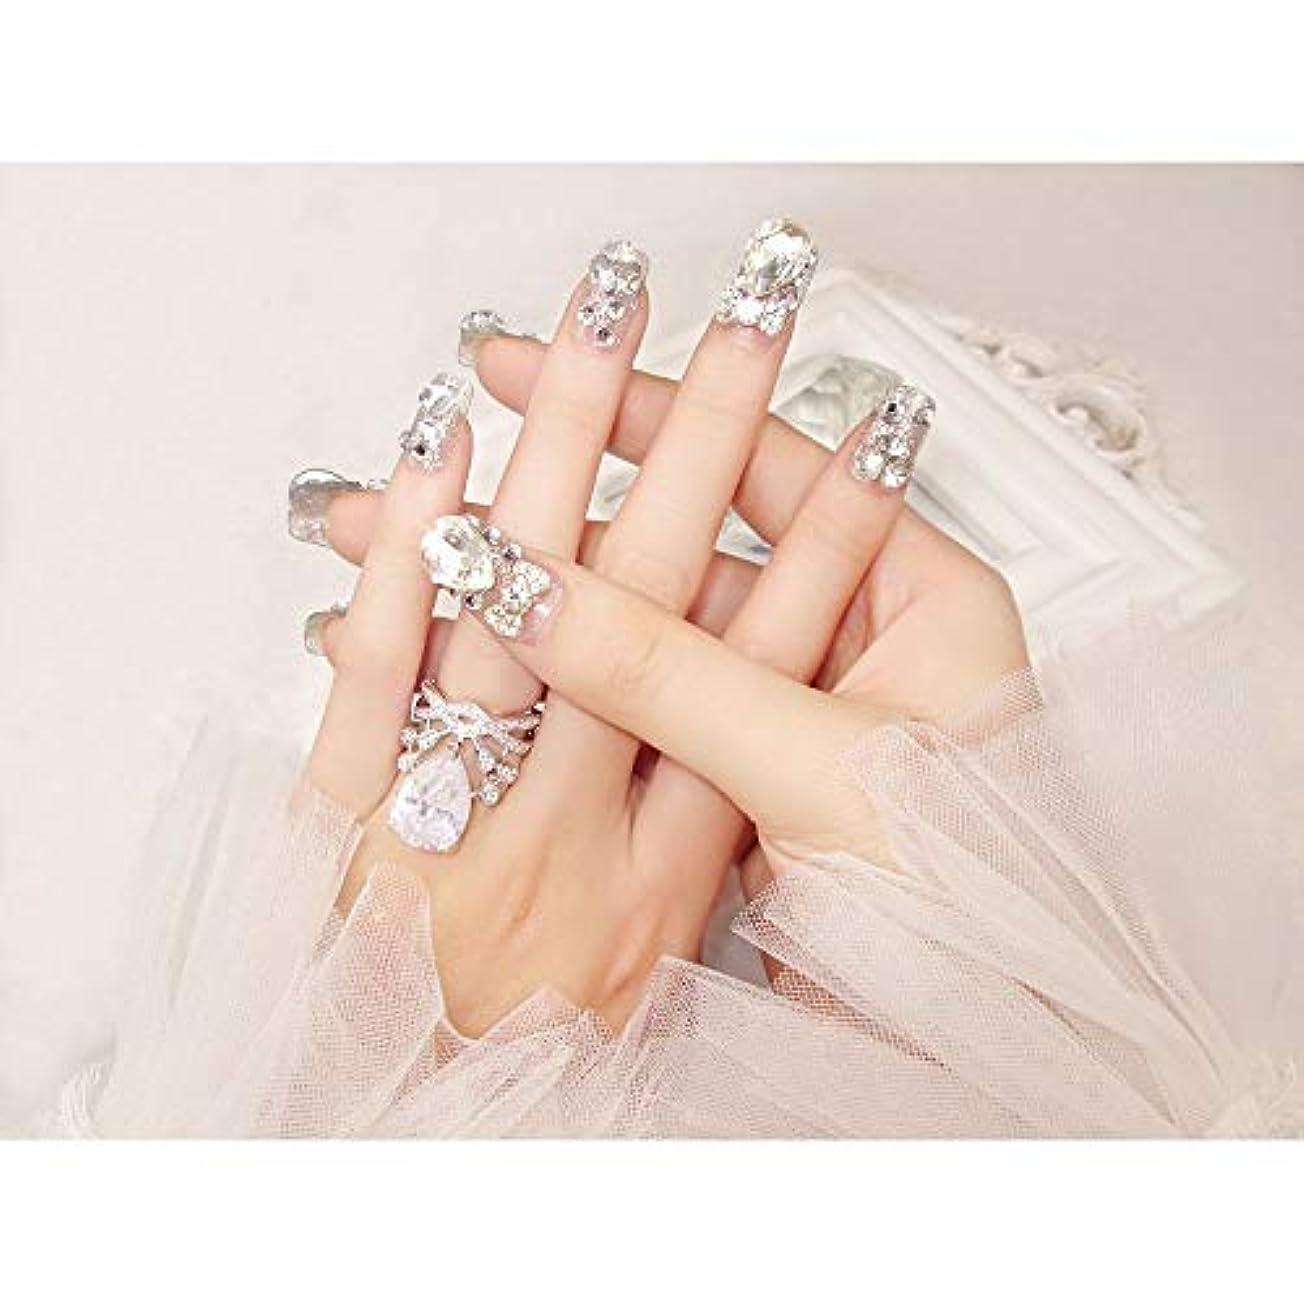 不確実上向き女性LVUITTON 完成した偽の釘24ピース箱入り花嫁シャイニー偽の爪の宝石ダイヤモンドの宝石ブライダルネイルステッカー (色 : 24 pieces)